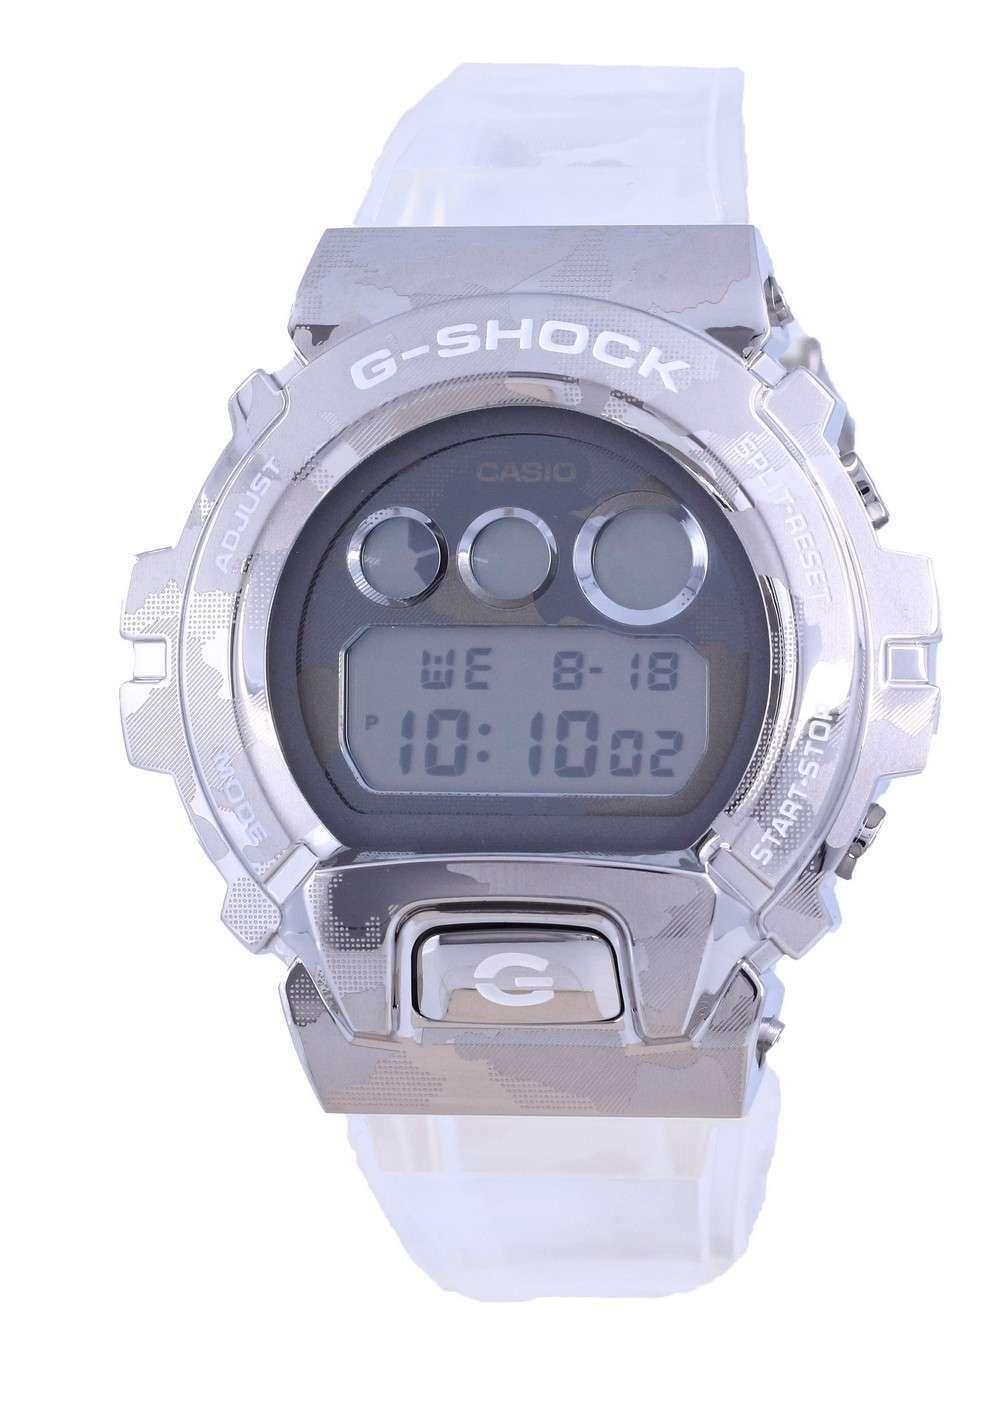 Reloj Casio G-Shock Special Color Digital GM-6900SCM-1 GM6900SCM-1 200M para hombre